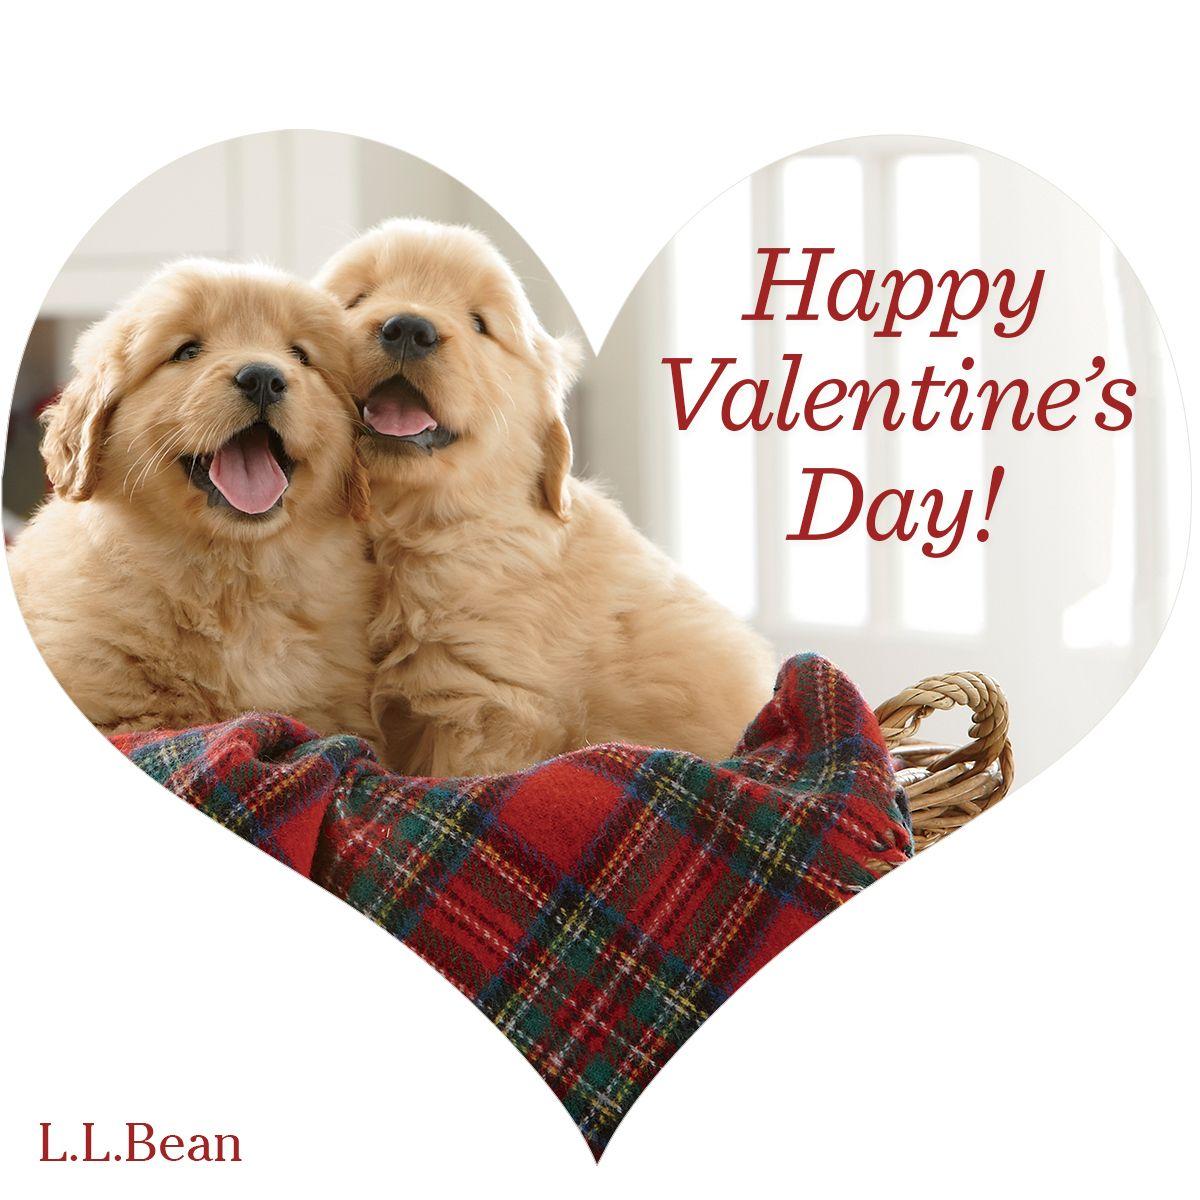 Happy Valentine's Day from #LLBean | Animals | Pinterest